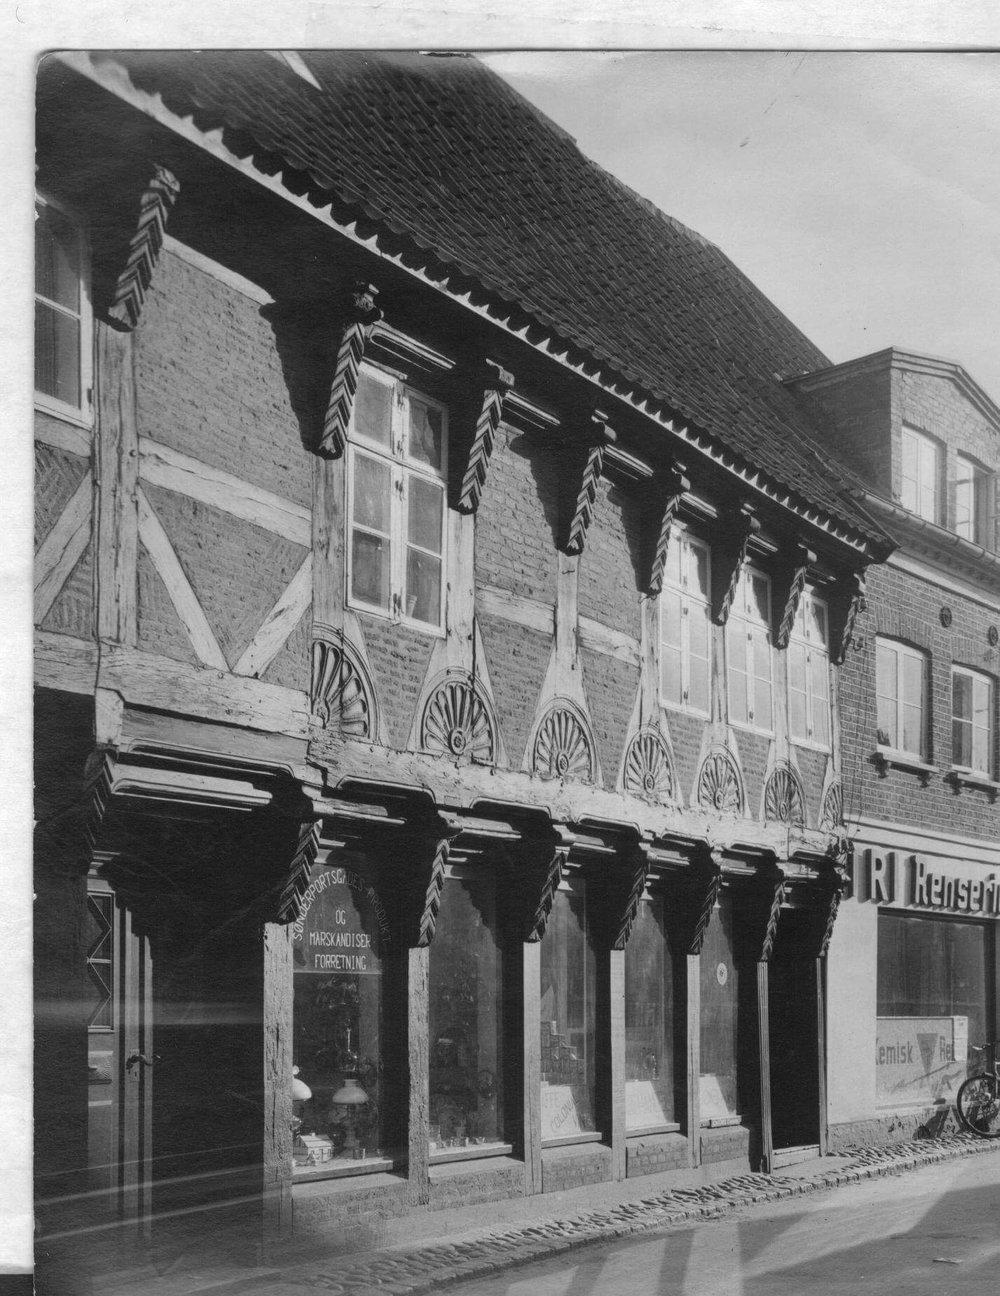 Tilbageblik - Før i tiden har vores smukke bygning i Sønderportsgade huset en hudplejeklinik og inden det en marskandiser og lædervarer. Hvad husker du, at der har ligget i Sønderportsgade 21B?Billede fra midten af 1960´erne